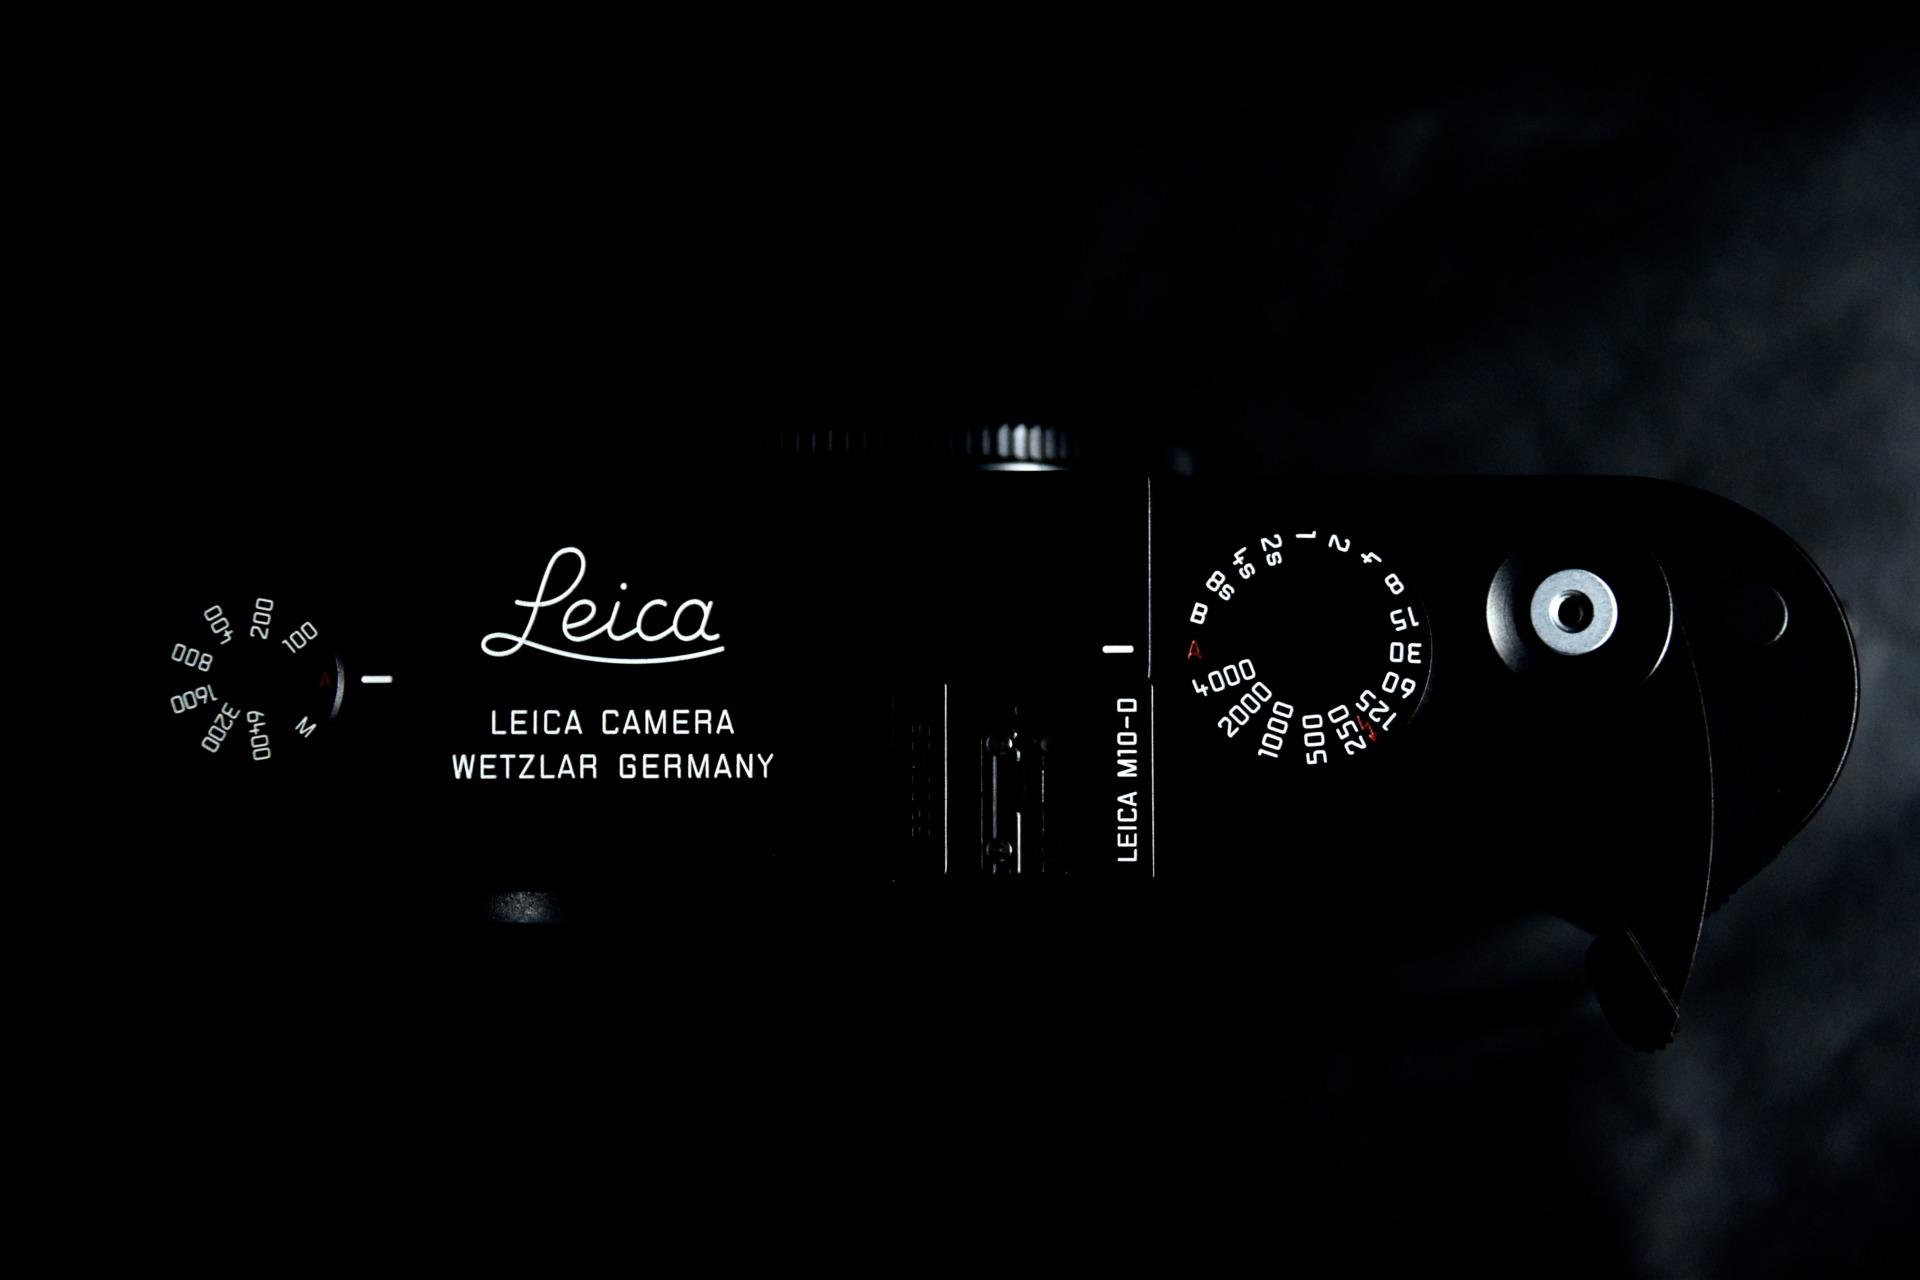 LEICA M10-D 購入しました!個人的に思うその魅力を語らせて。